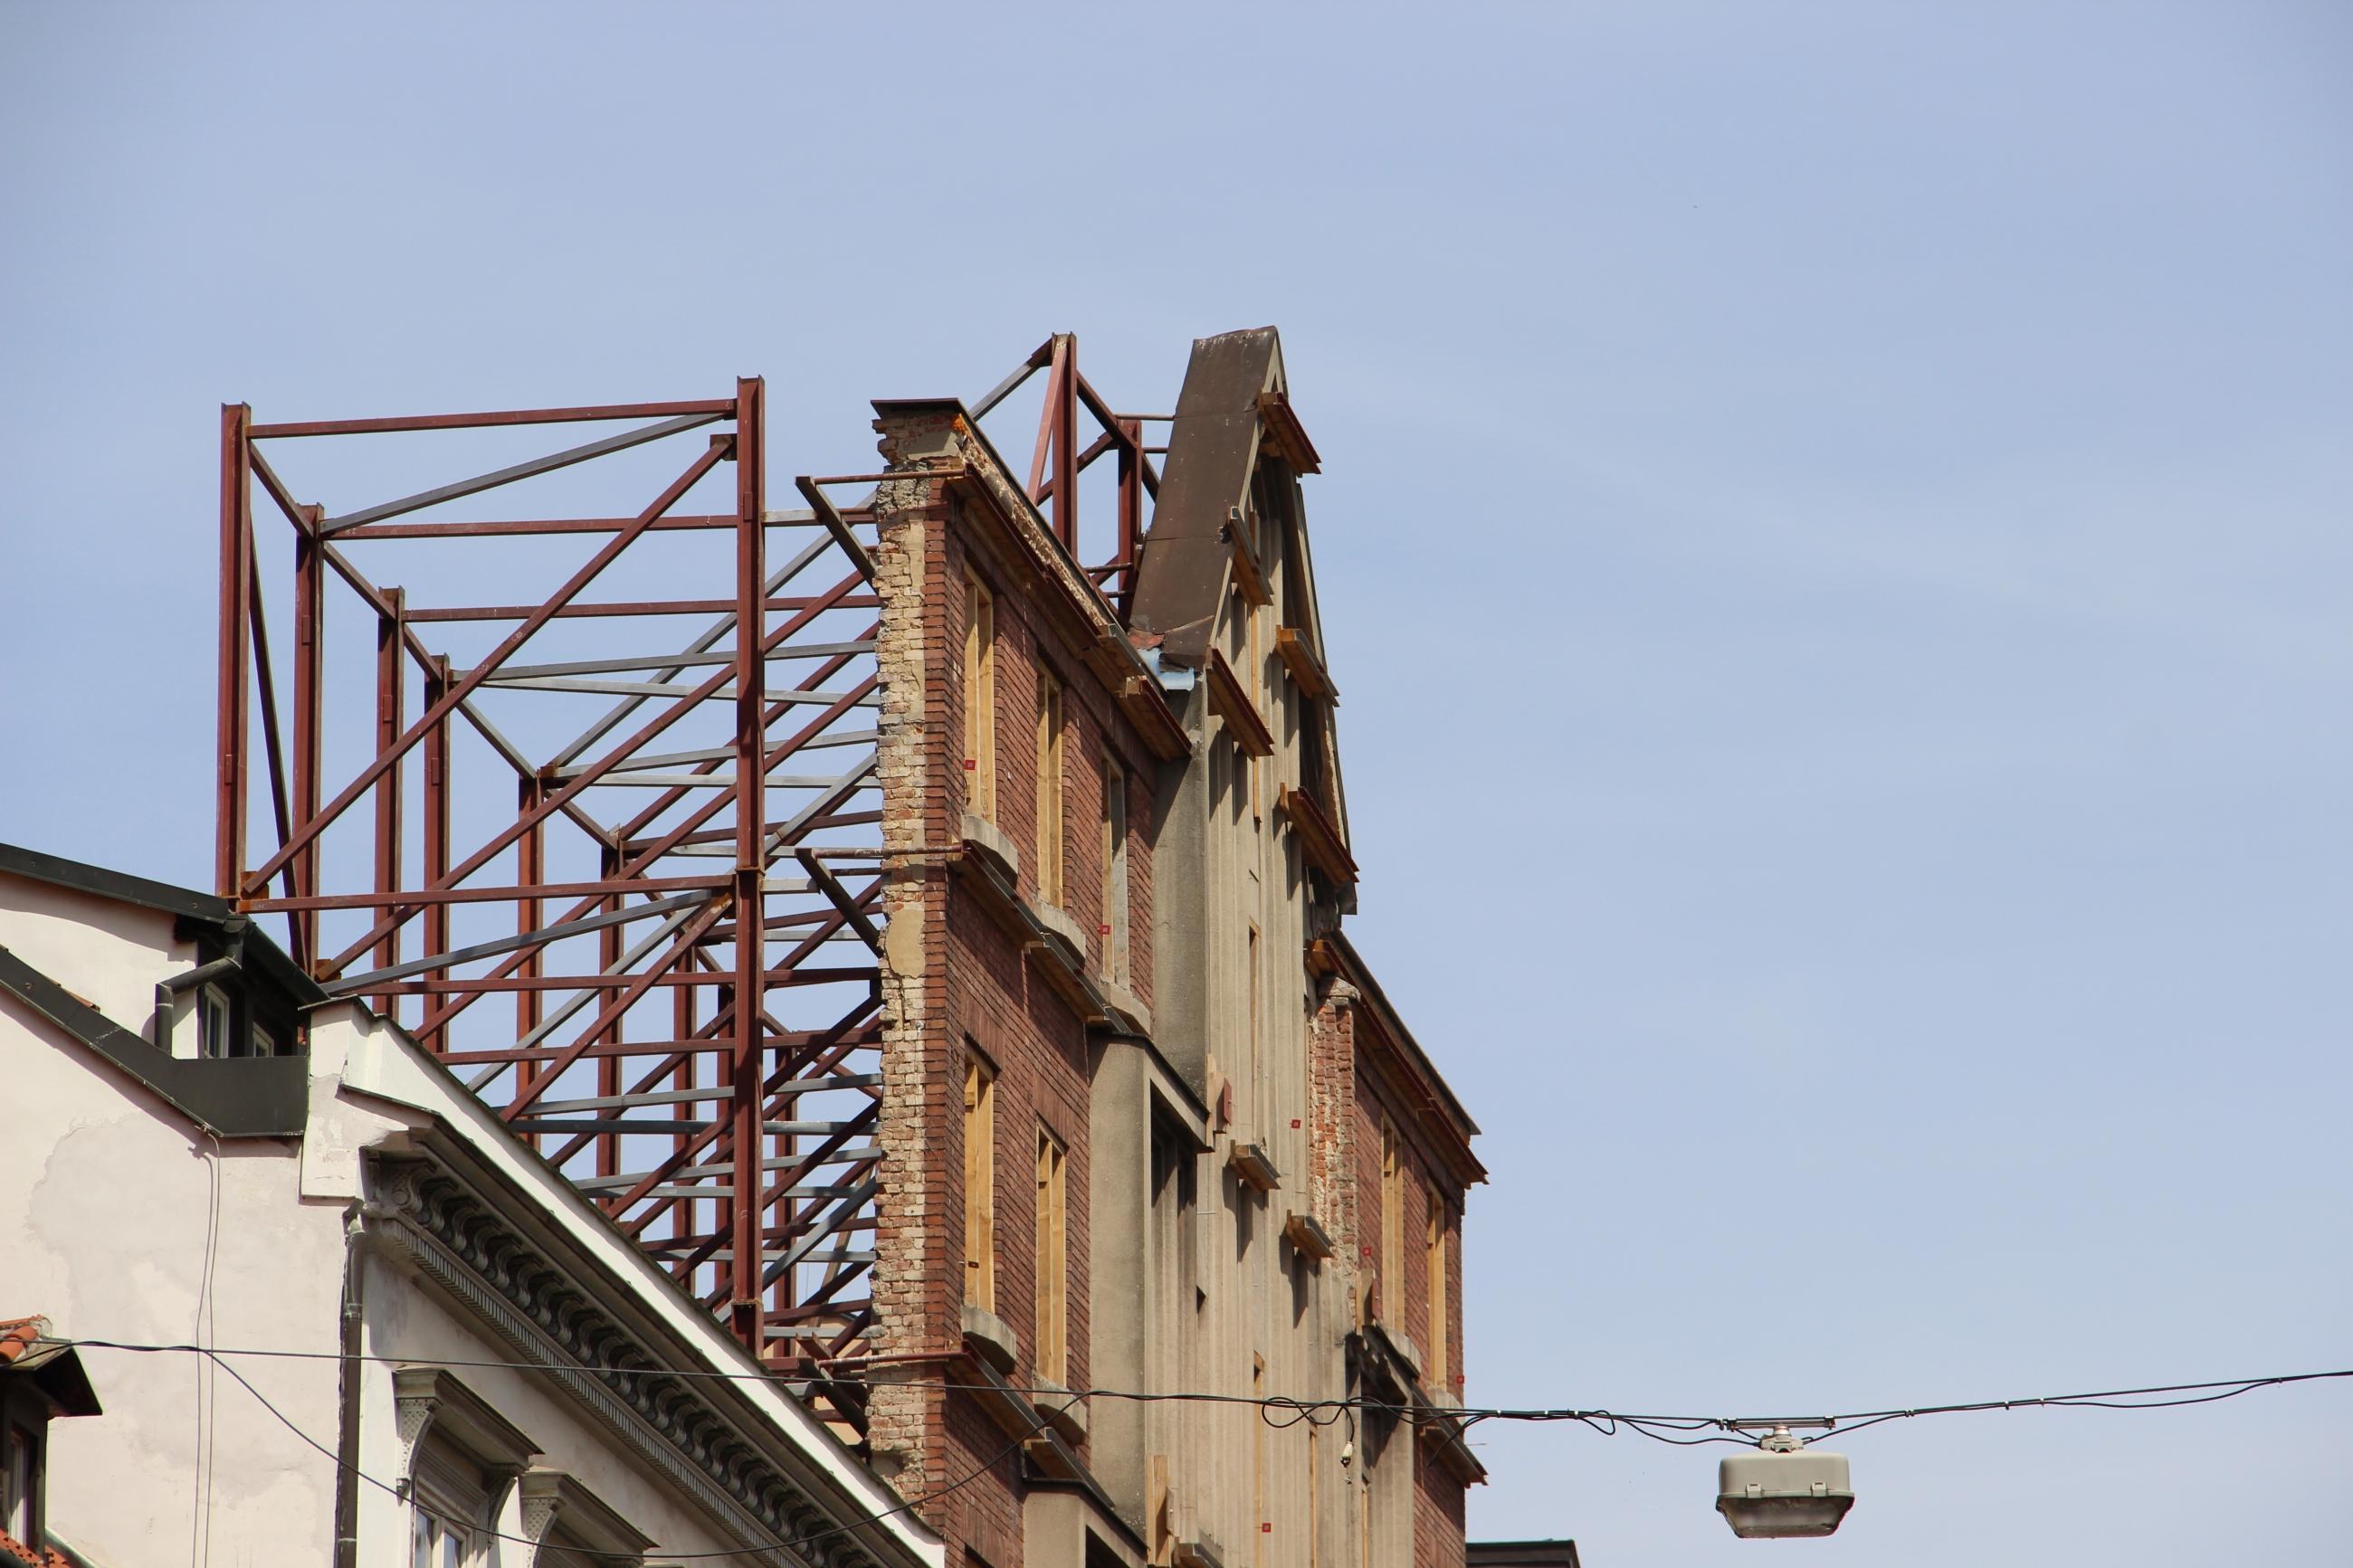 Foto: Eine alte Häuserfassade, aber ohne Haus dahinter.